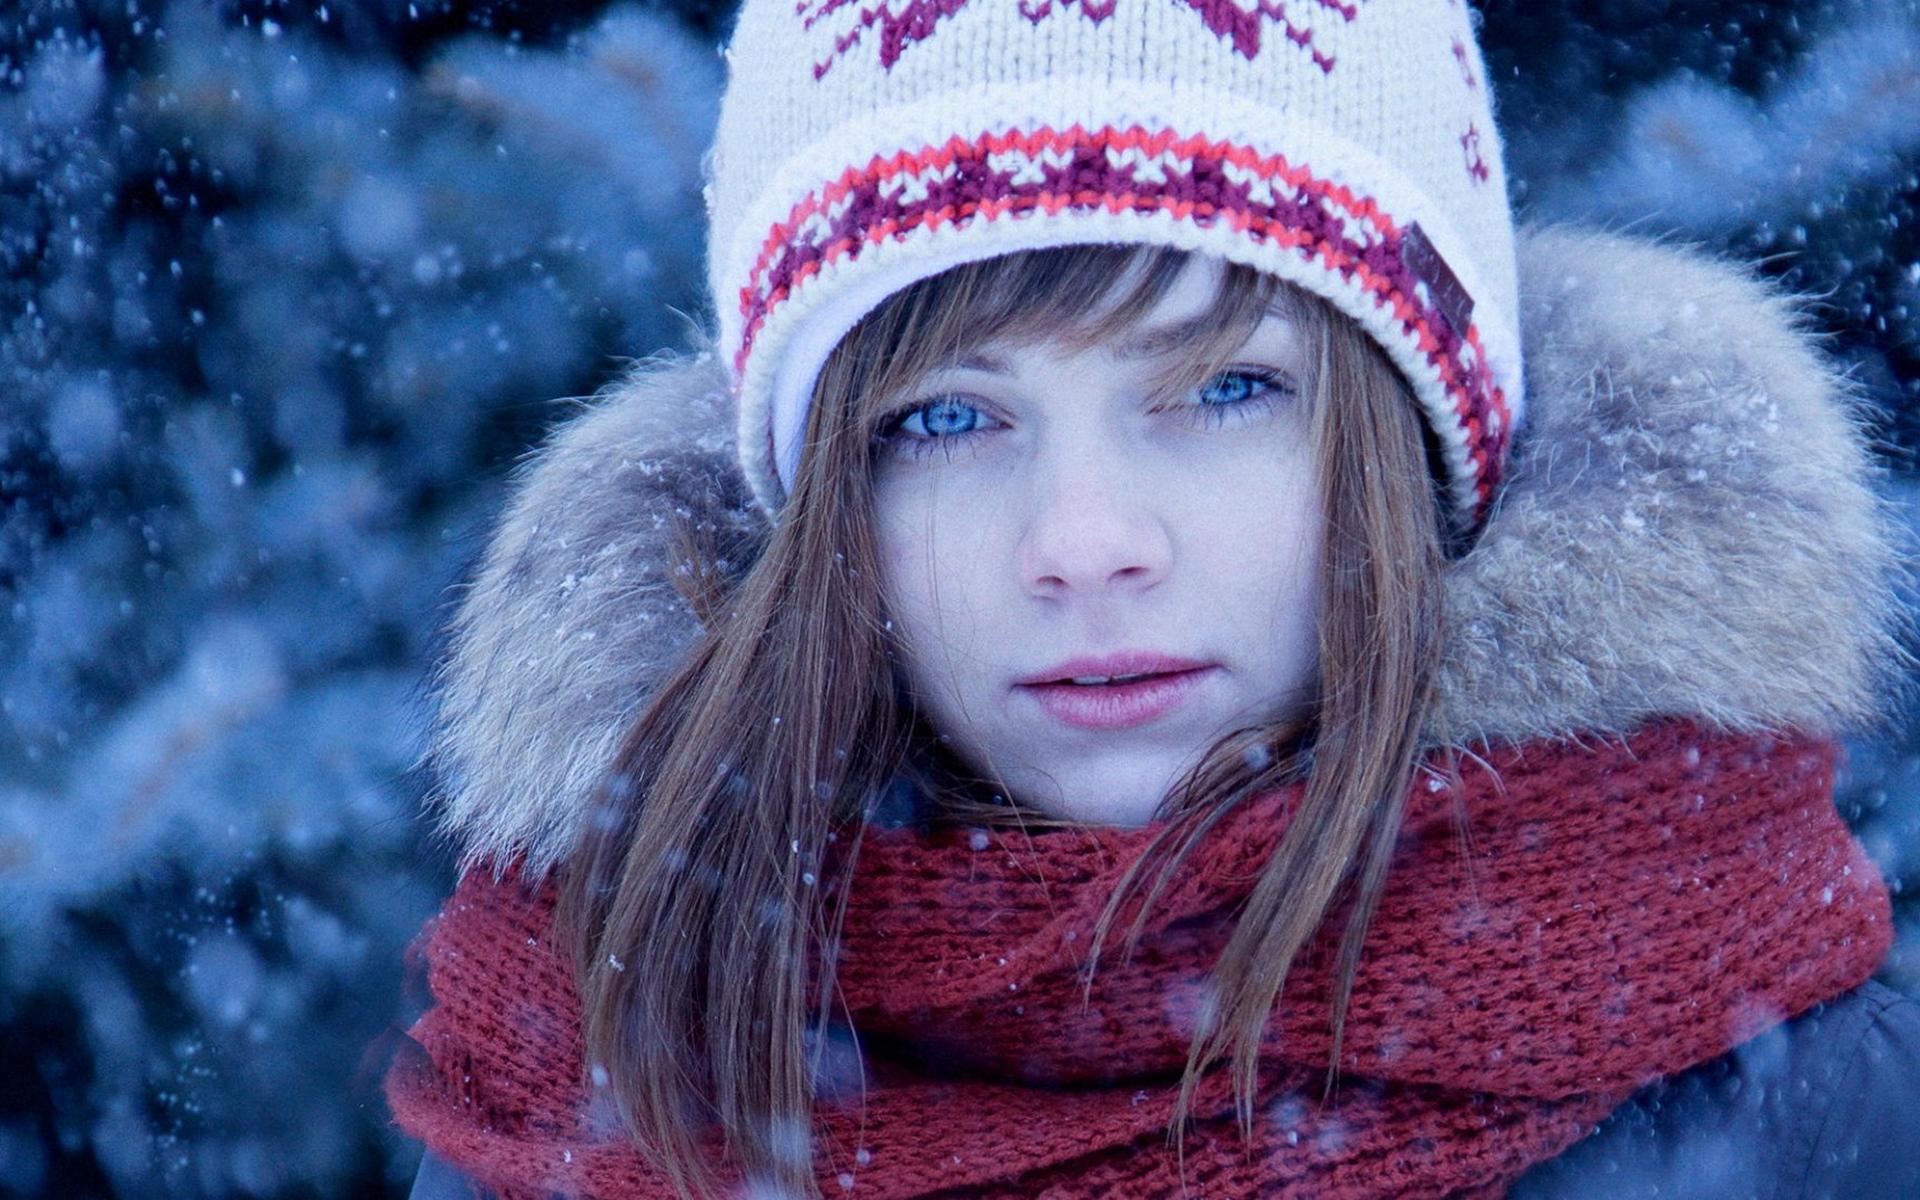 Девочка в вязаной шапочке  № 1822029 без смс